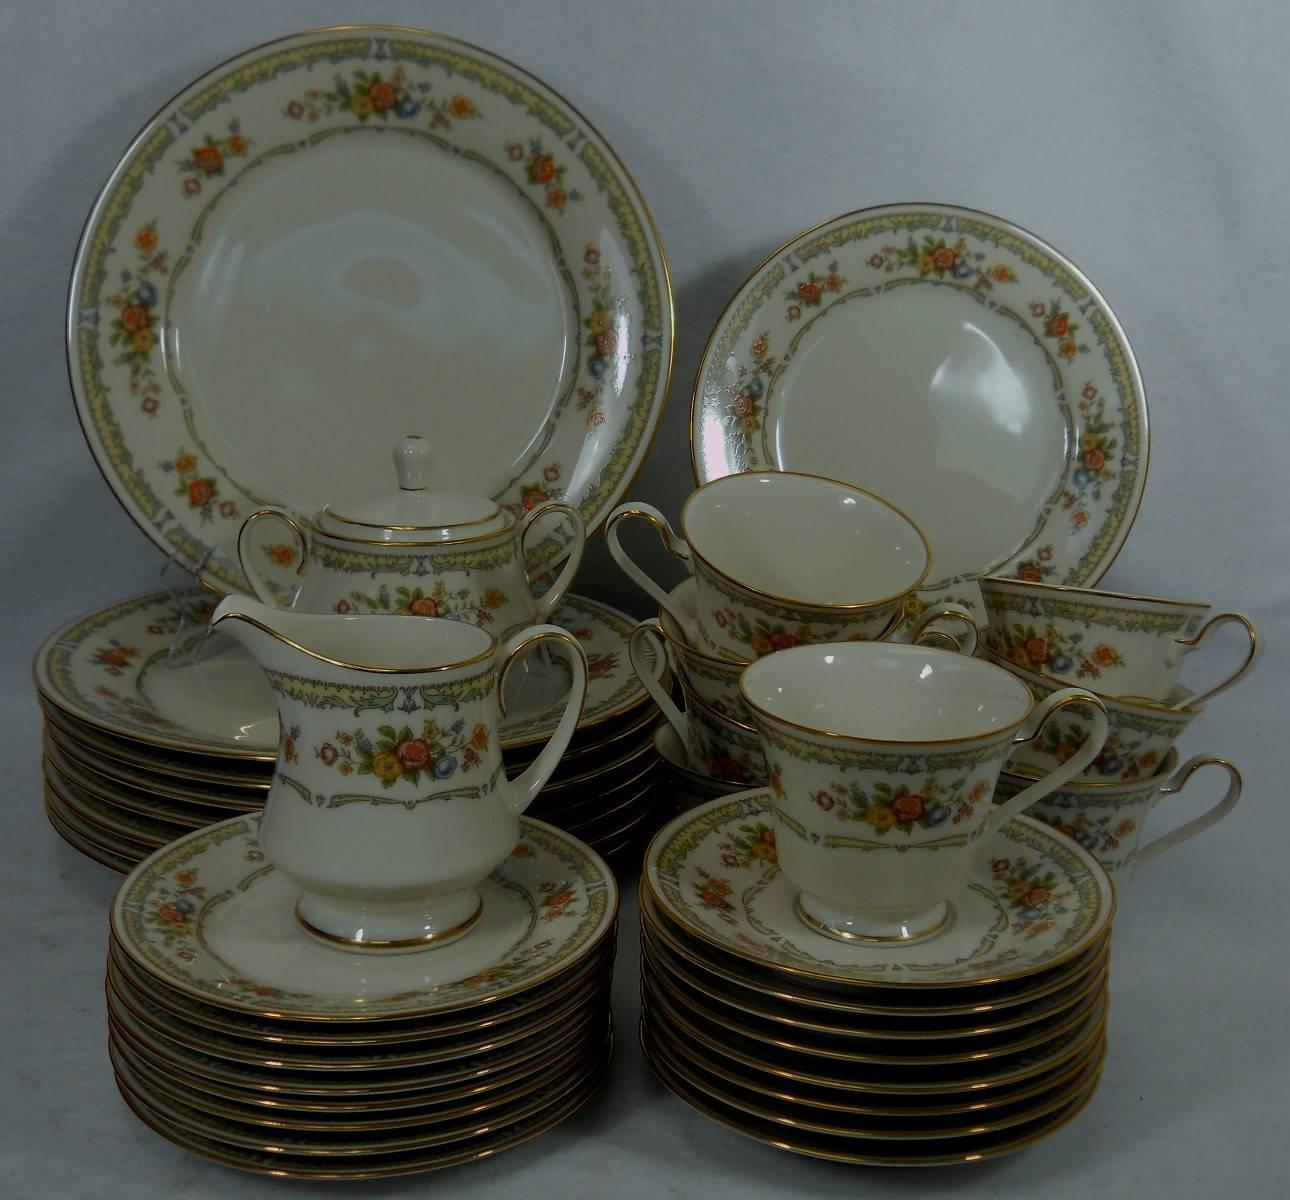 Noritake China Homage 7236 Pattern 43 Pc Set Service For